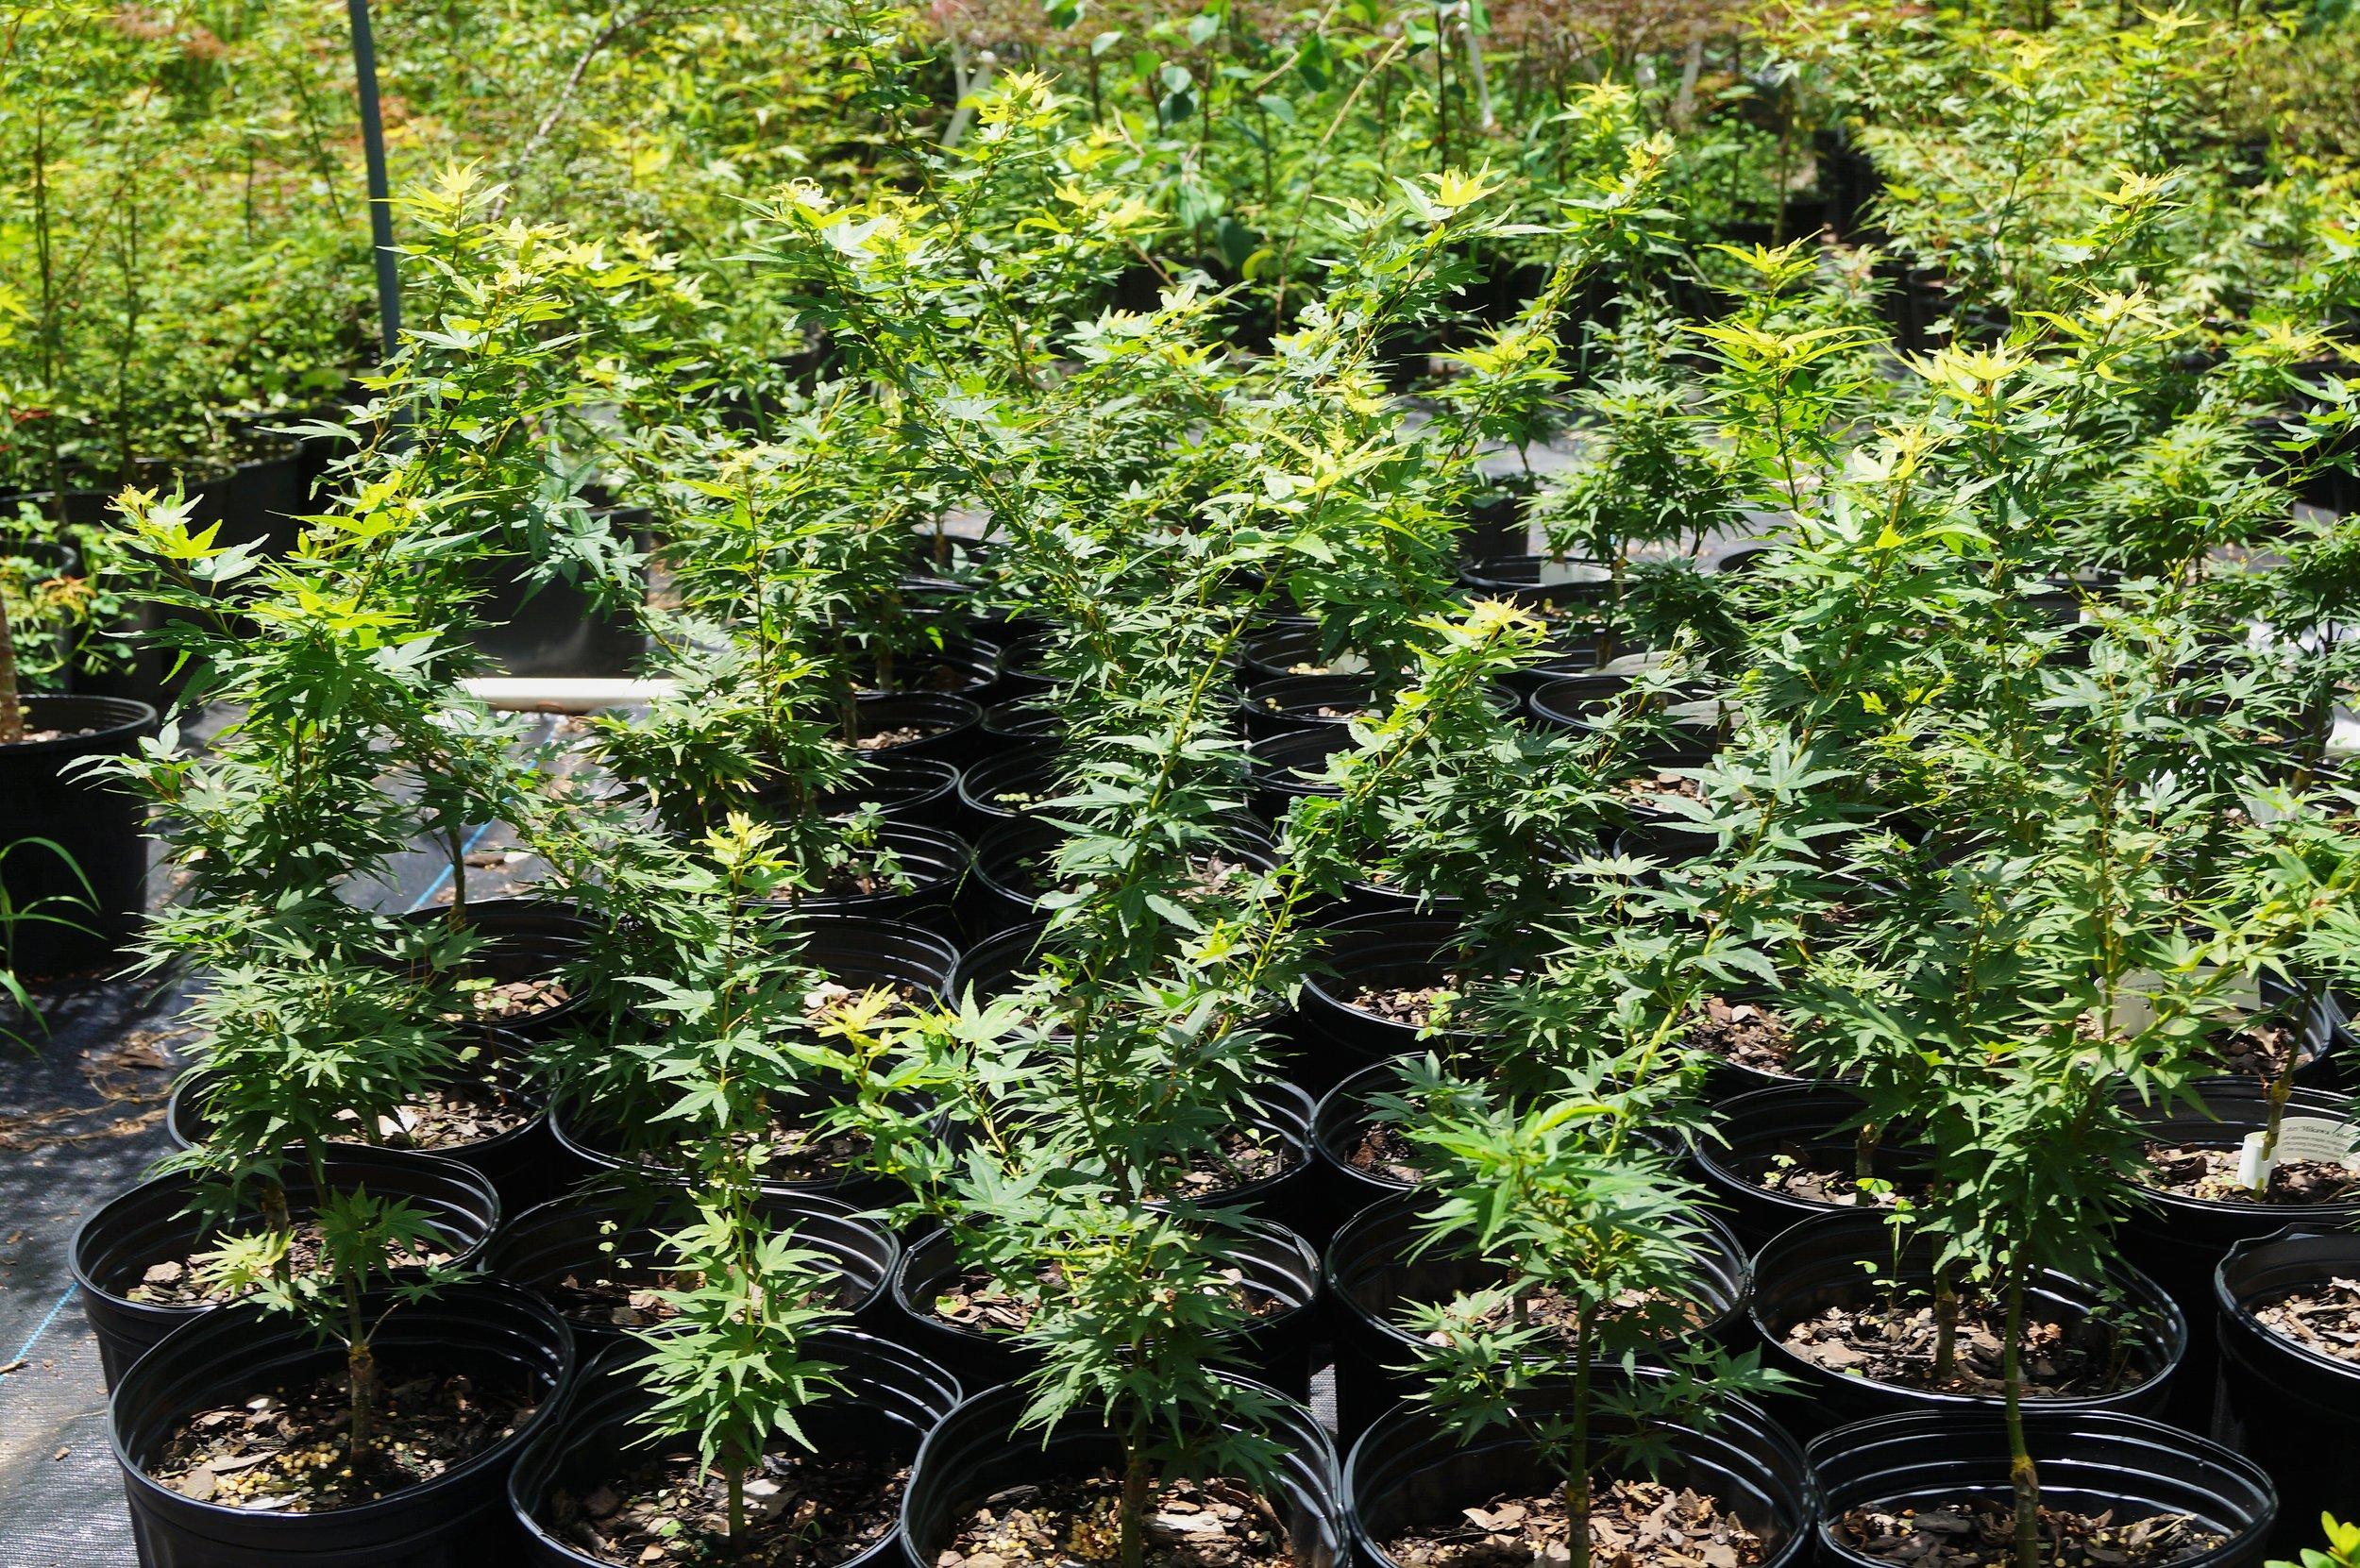 'Mikawa yatsubusa' 2 gallon trees growing like they're in Oregon!